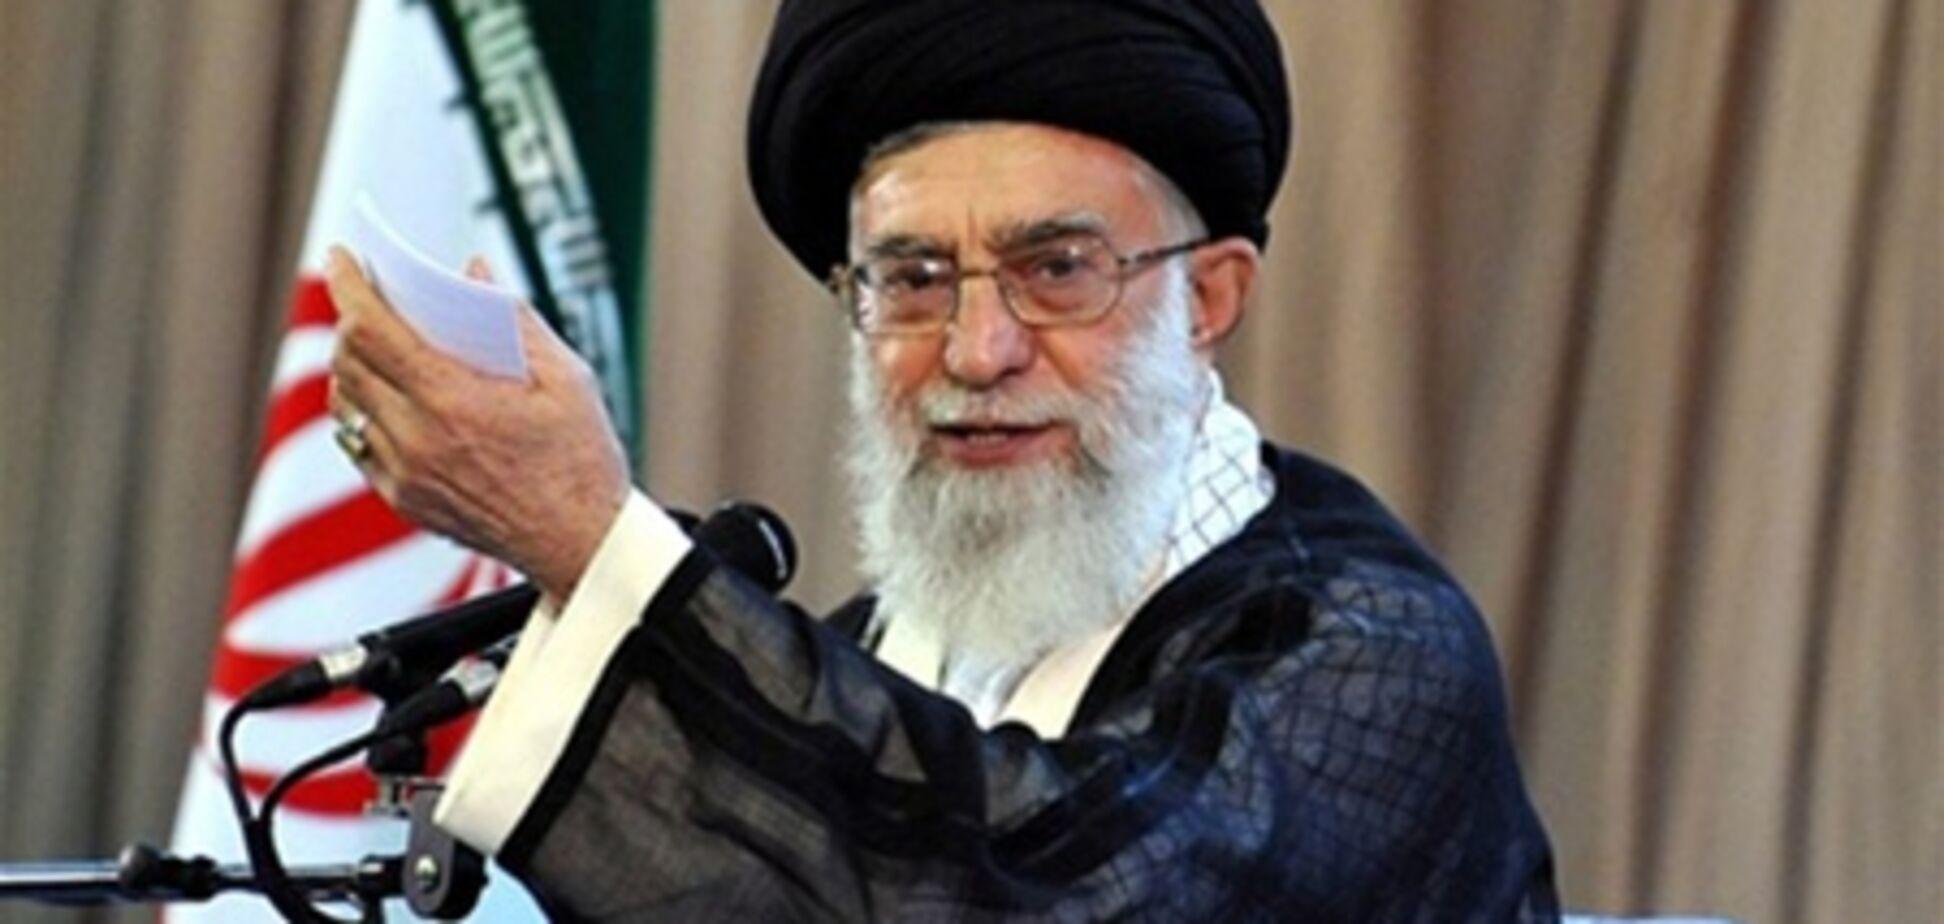 Али Хаменеи в восторге от вывода войск США из Ирака